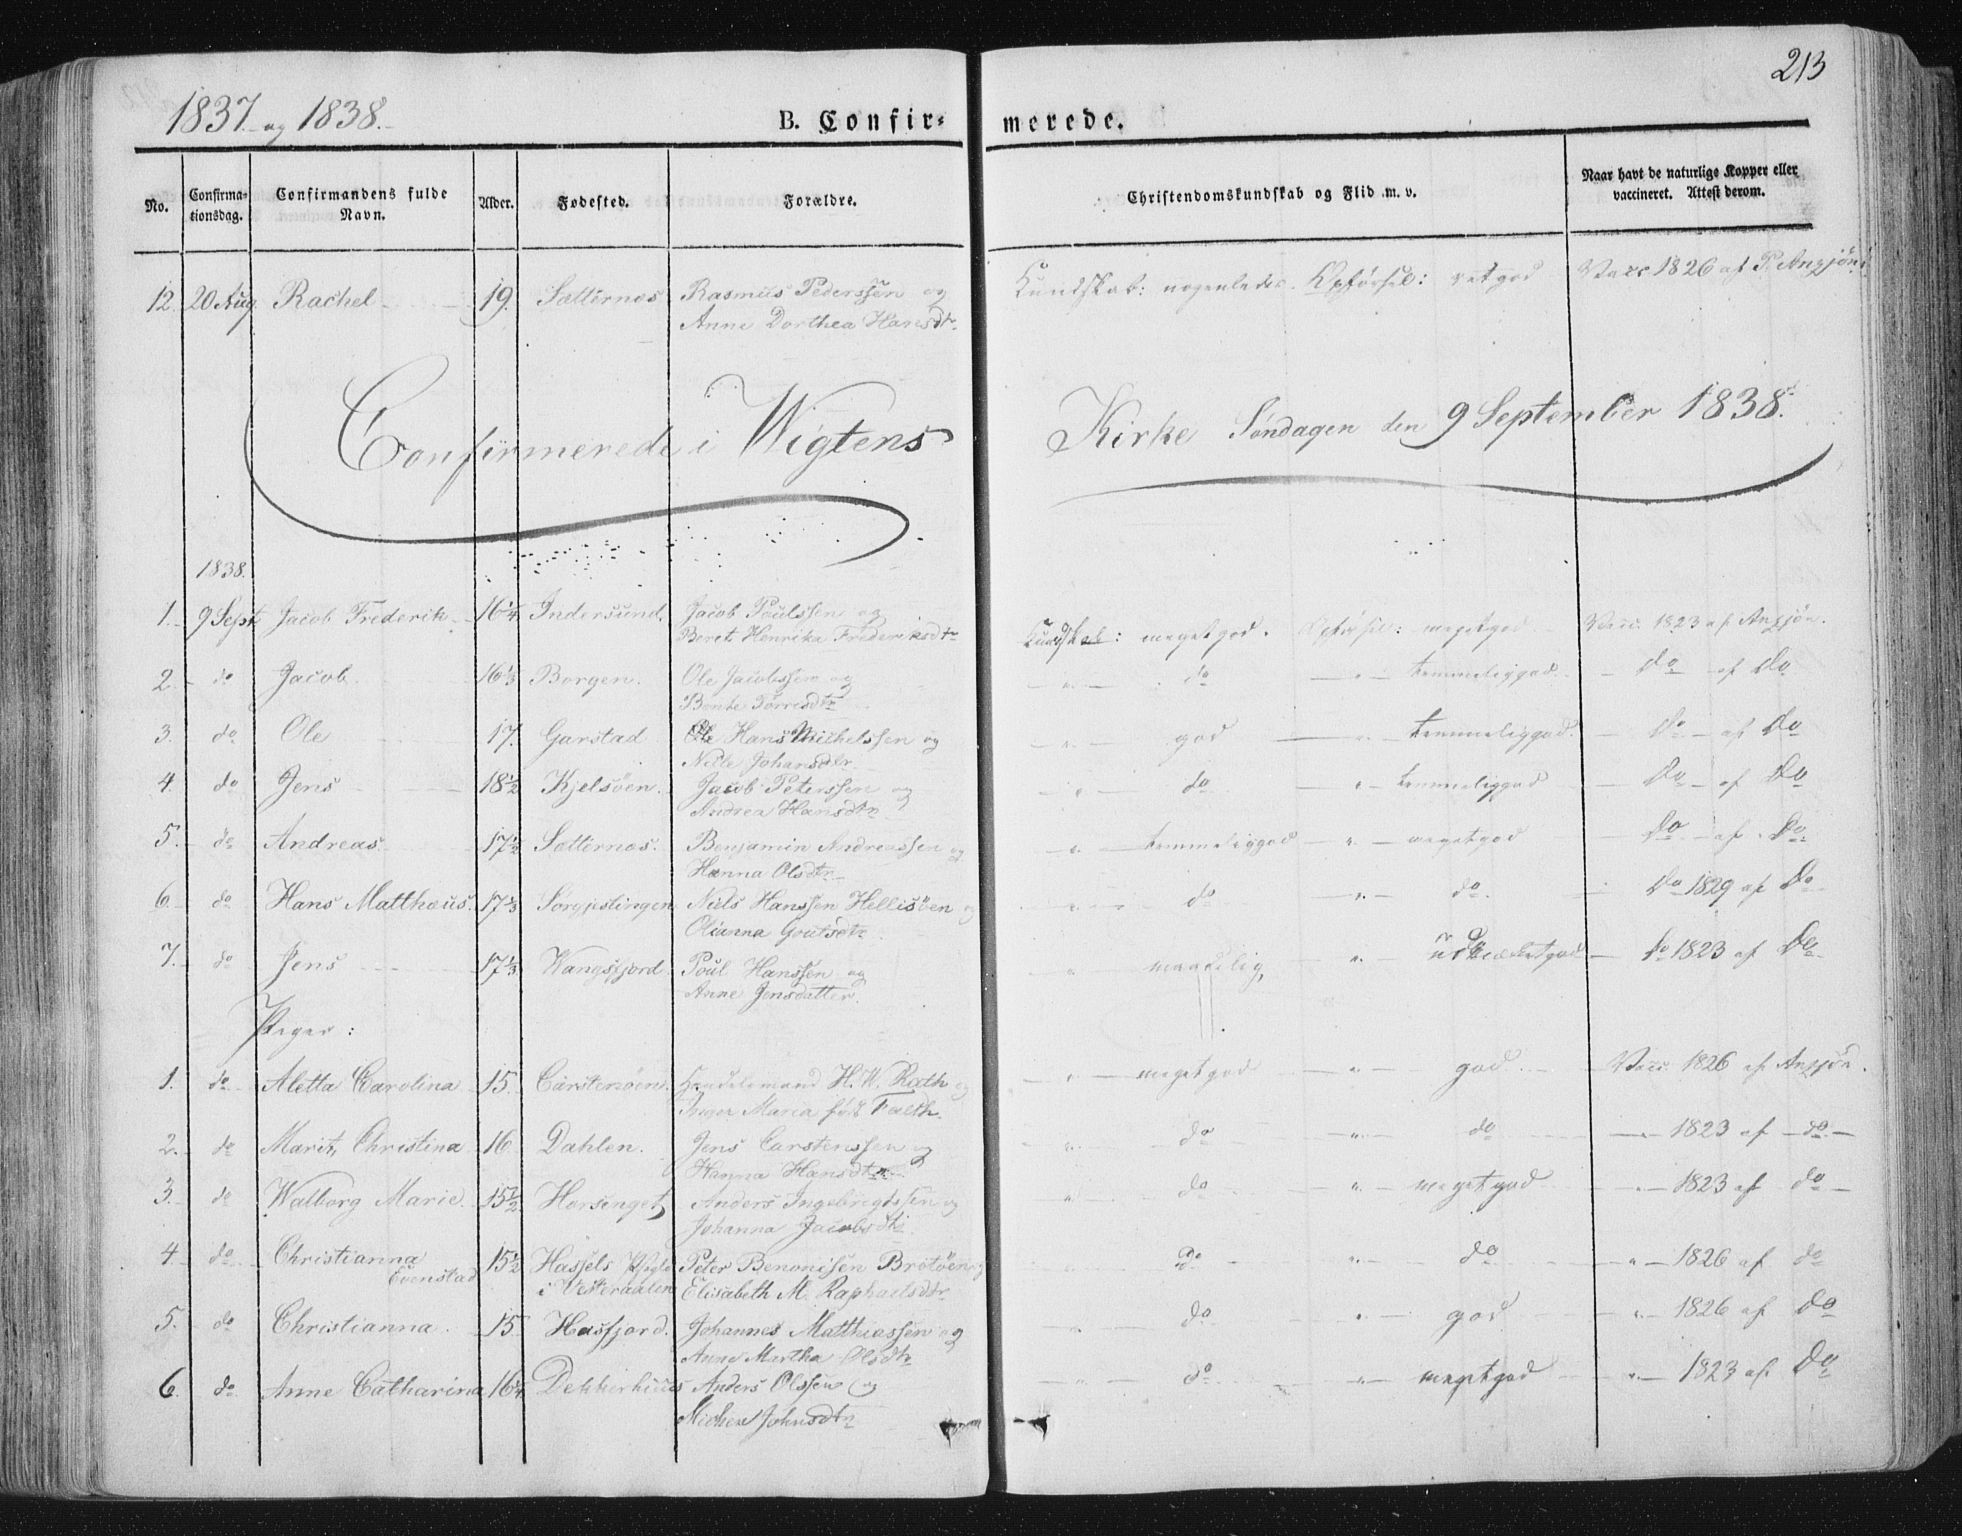 SAT, Ministerialprotokoller, klokkerbøker og fødselsregistre - Nord-Trøndelag, 784/L0669: Ministerialbok nr. 784A04, 1829-1859, s. 213